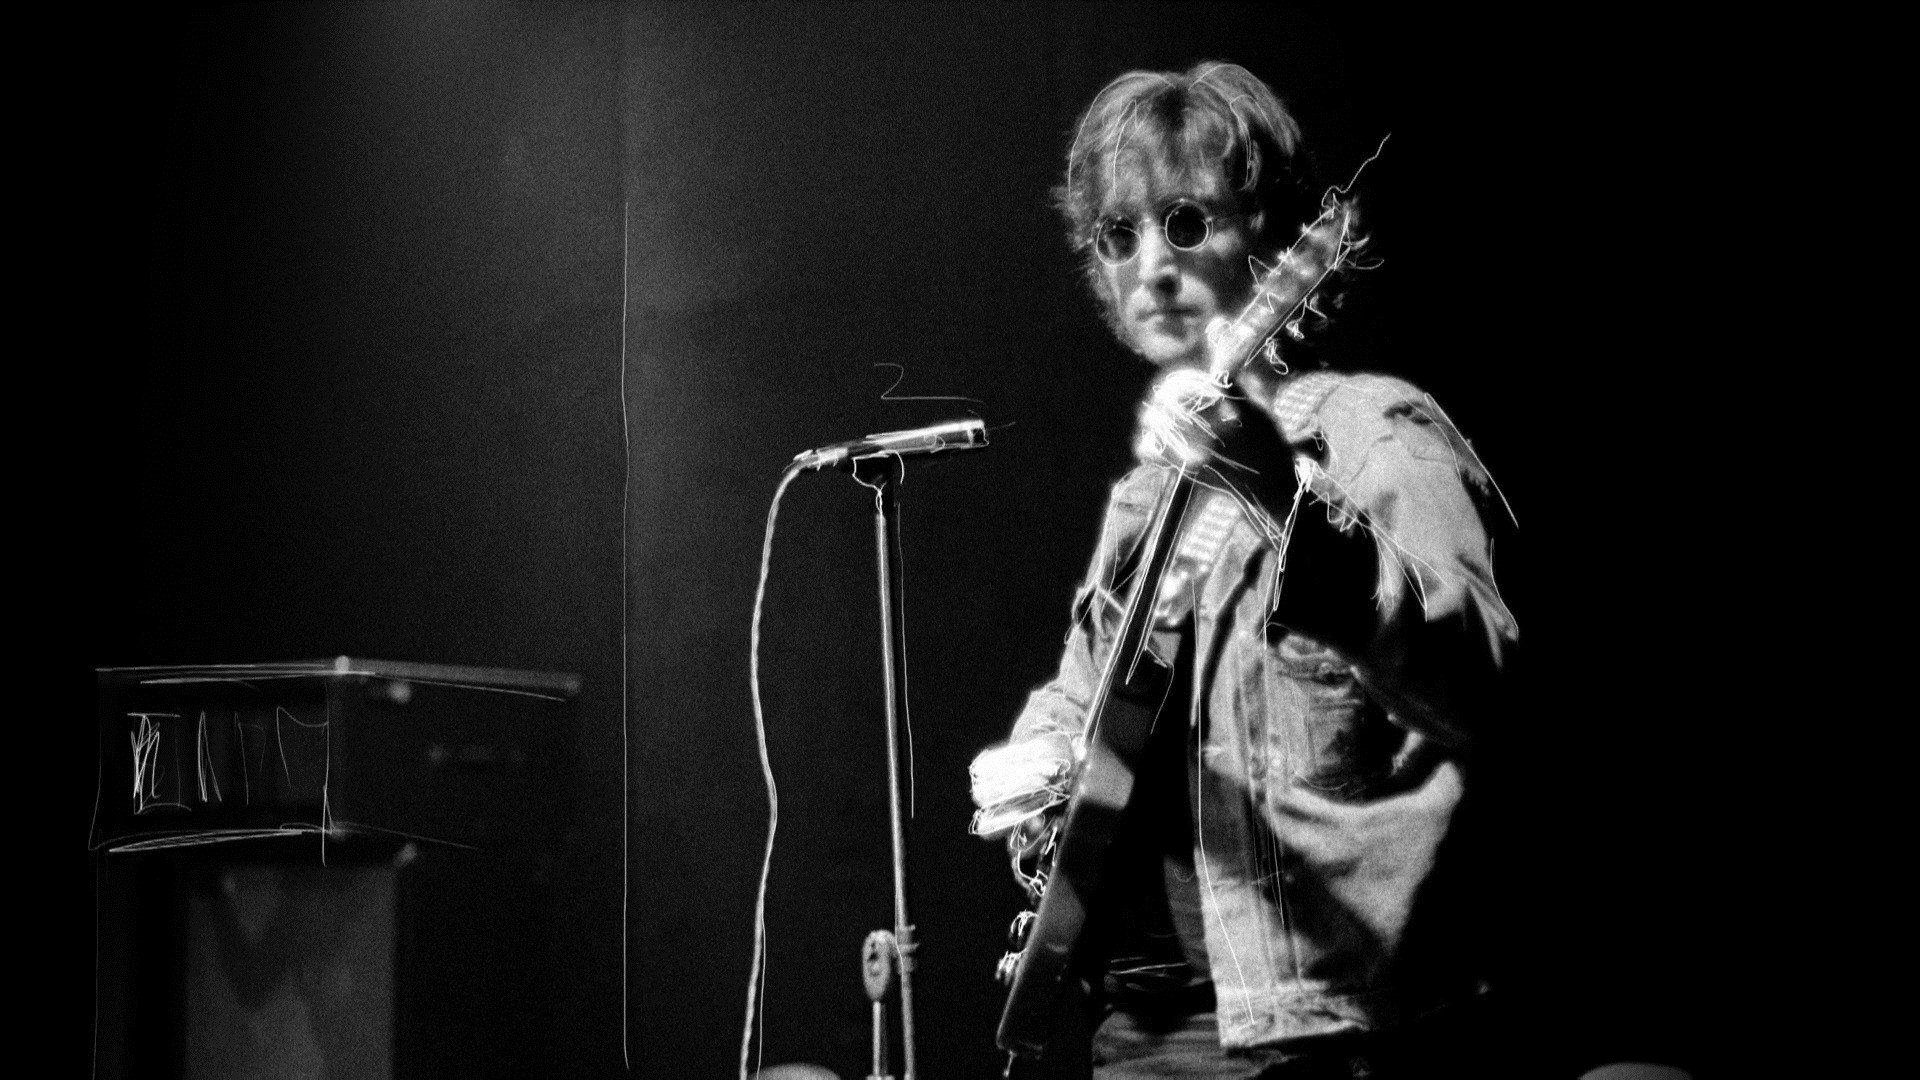 John Lennon Download Free Wallpaper Image Search